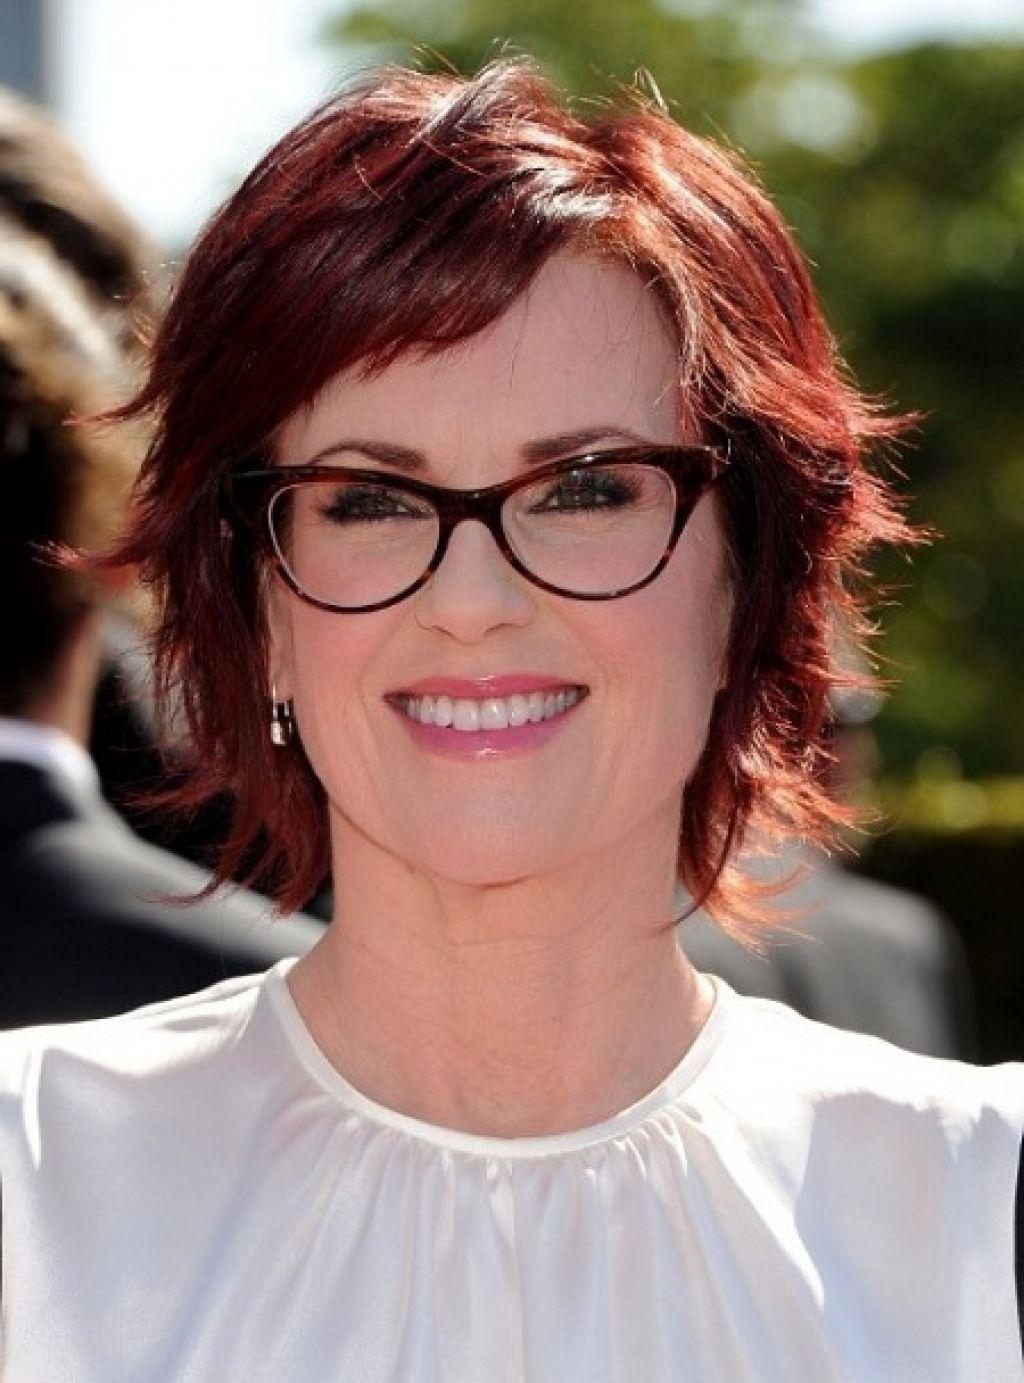 coiffure courte pour femme a lunettes